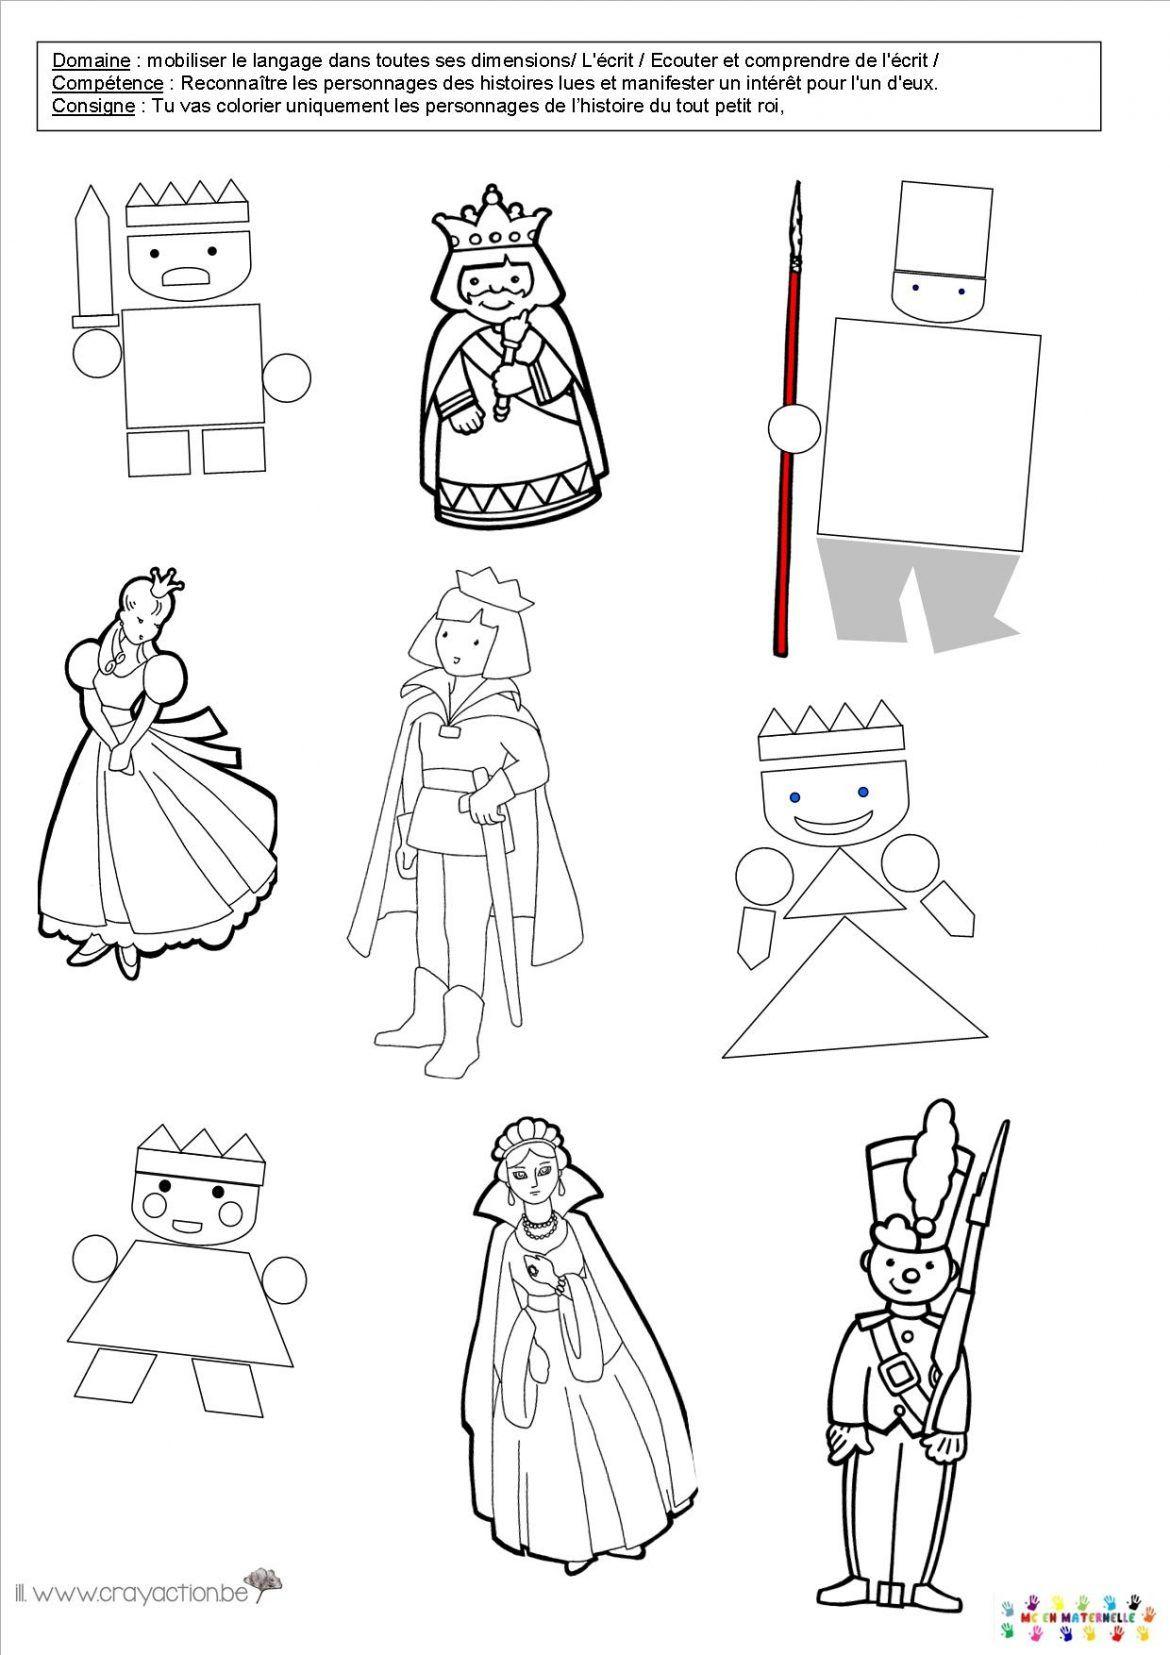 Les rois et les reines page 2 mc en maternelle pour ma ps pinterest le tout petit roi - Personnages de roule galette ...